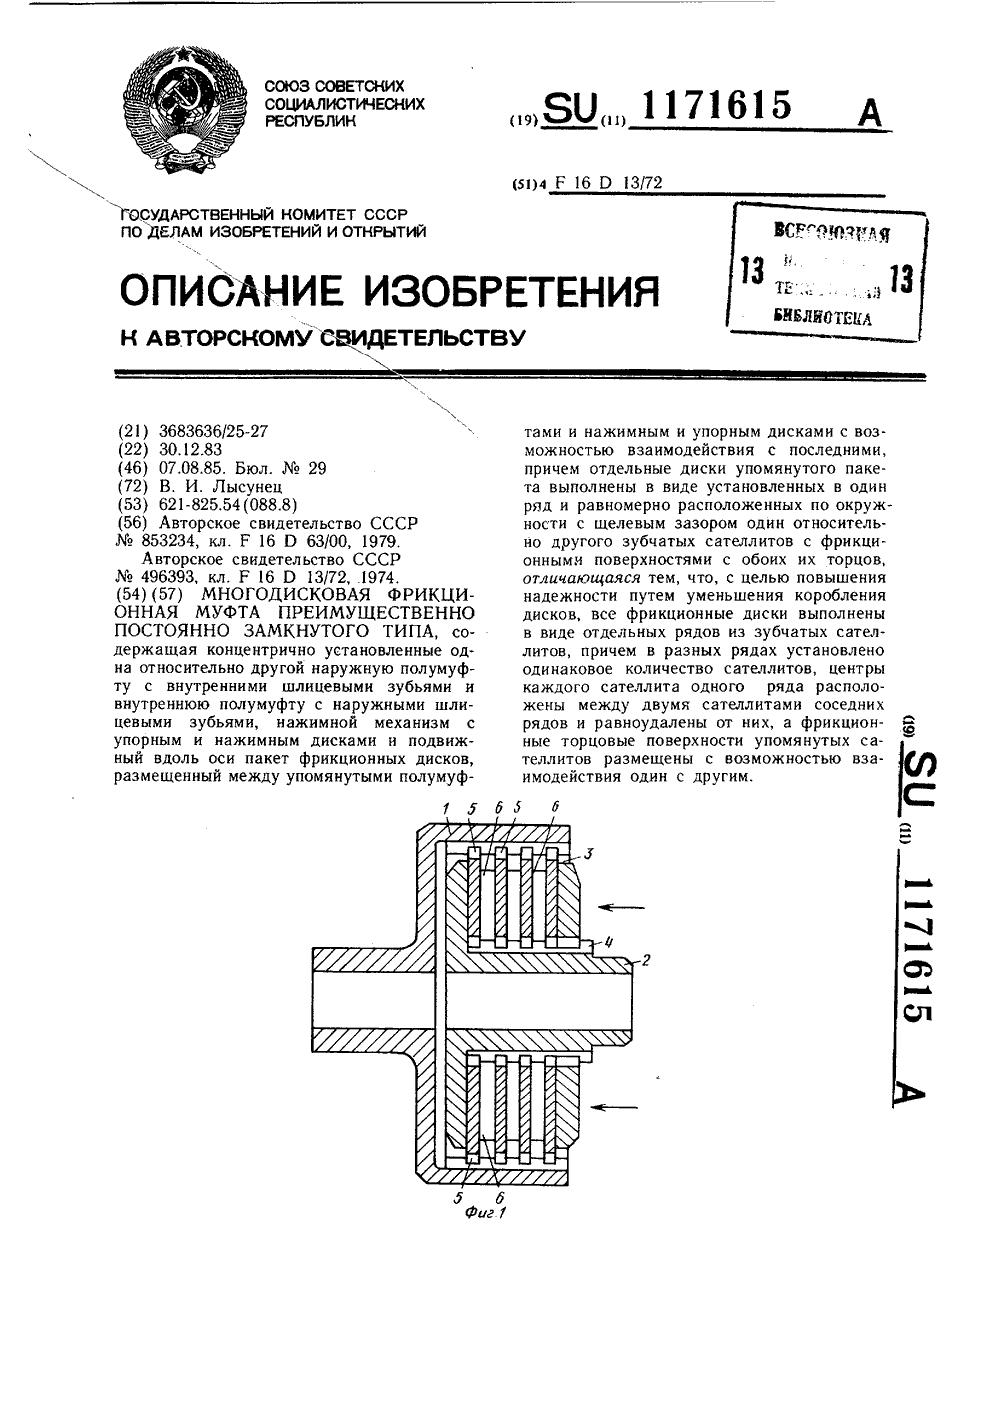 схема двухдисковая фрикционная муфта